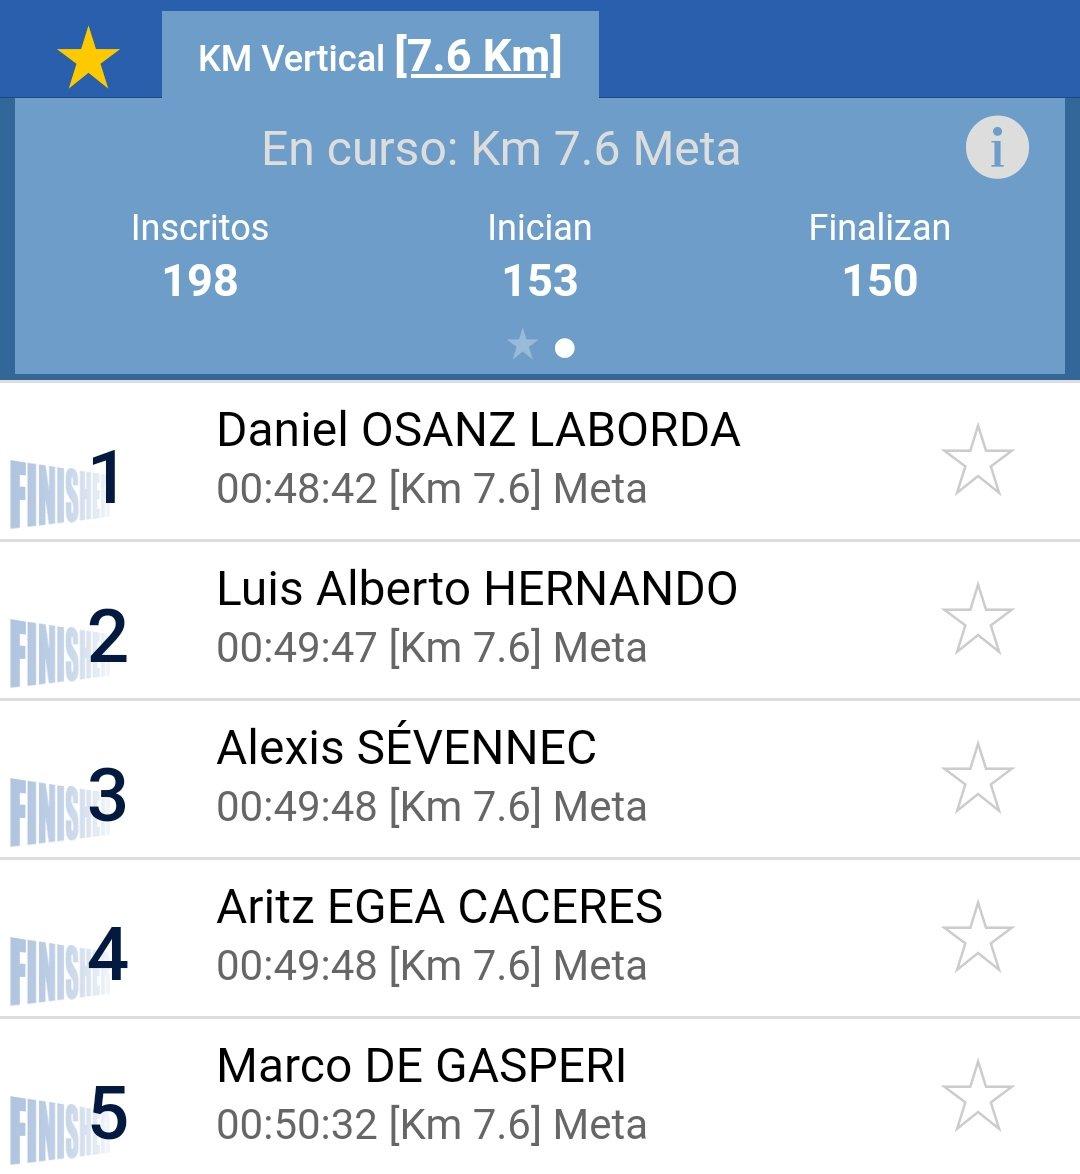 Clasificación provisional masculina. #kilometrovertical @BinterCanarias #Transvulcania19